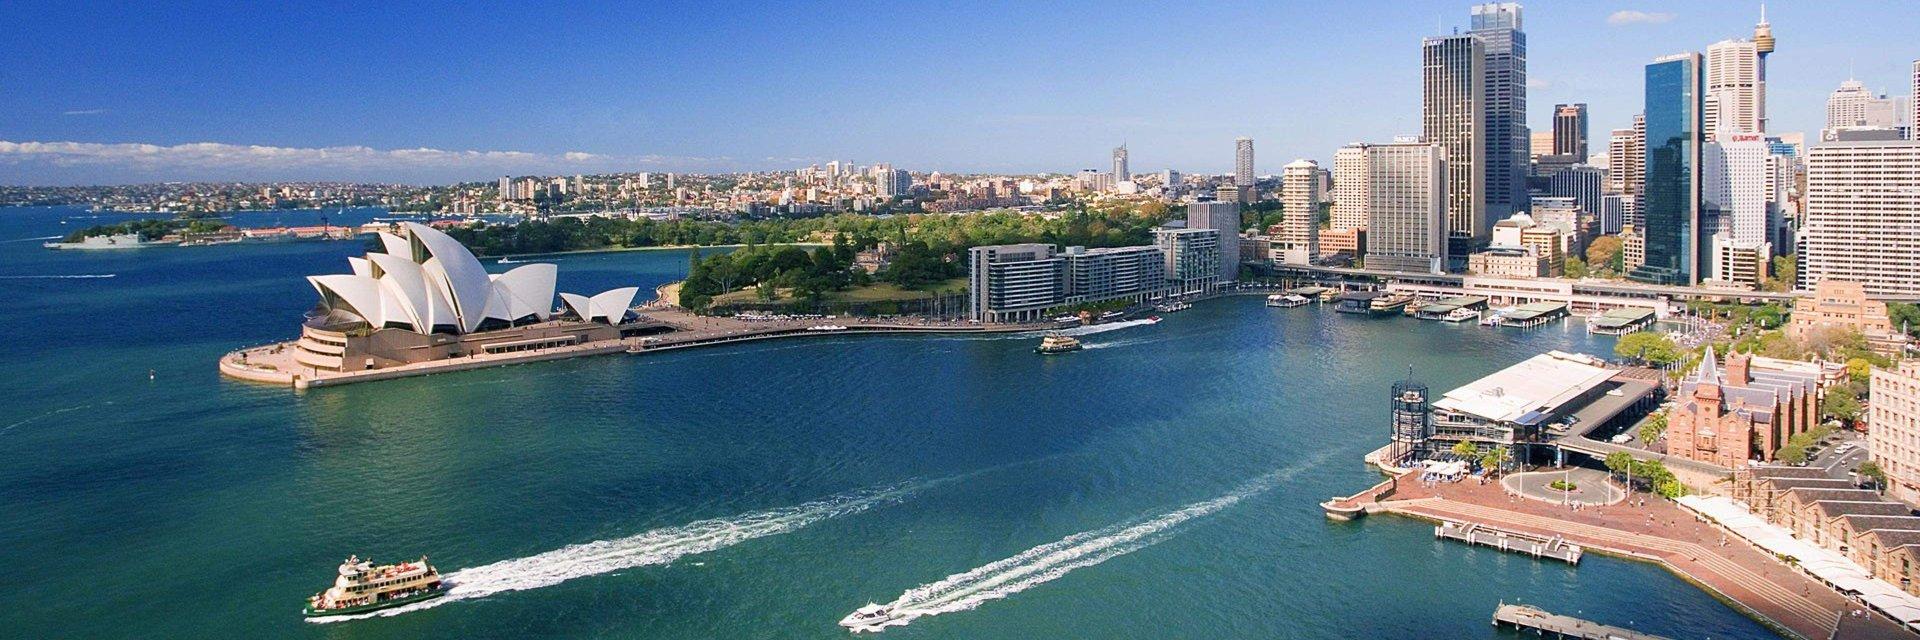 Туры на курорт Кубер-Педи (Австралия) в августе 2021 из Москвы - цены, путевки на отдых на курорте Кубер-Педи в августе - ПАКС